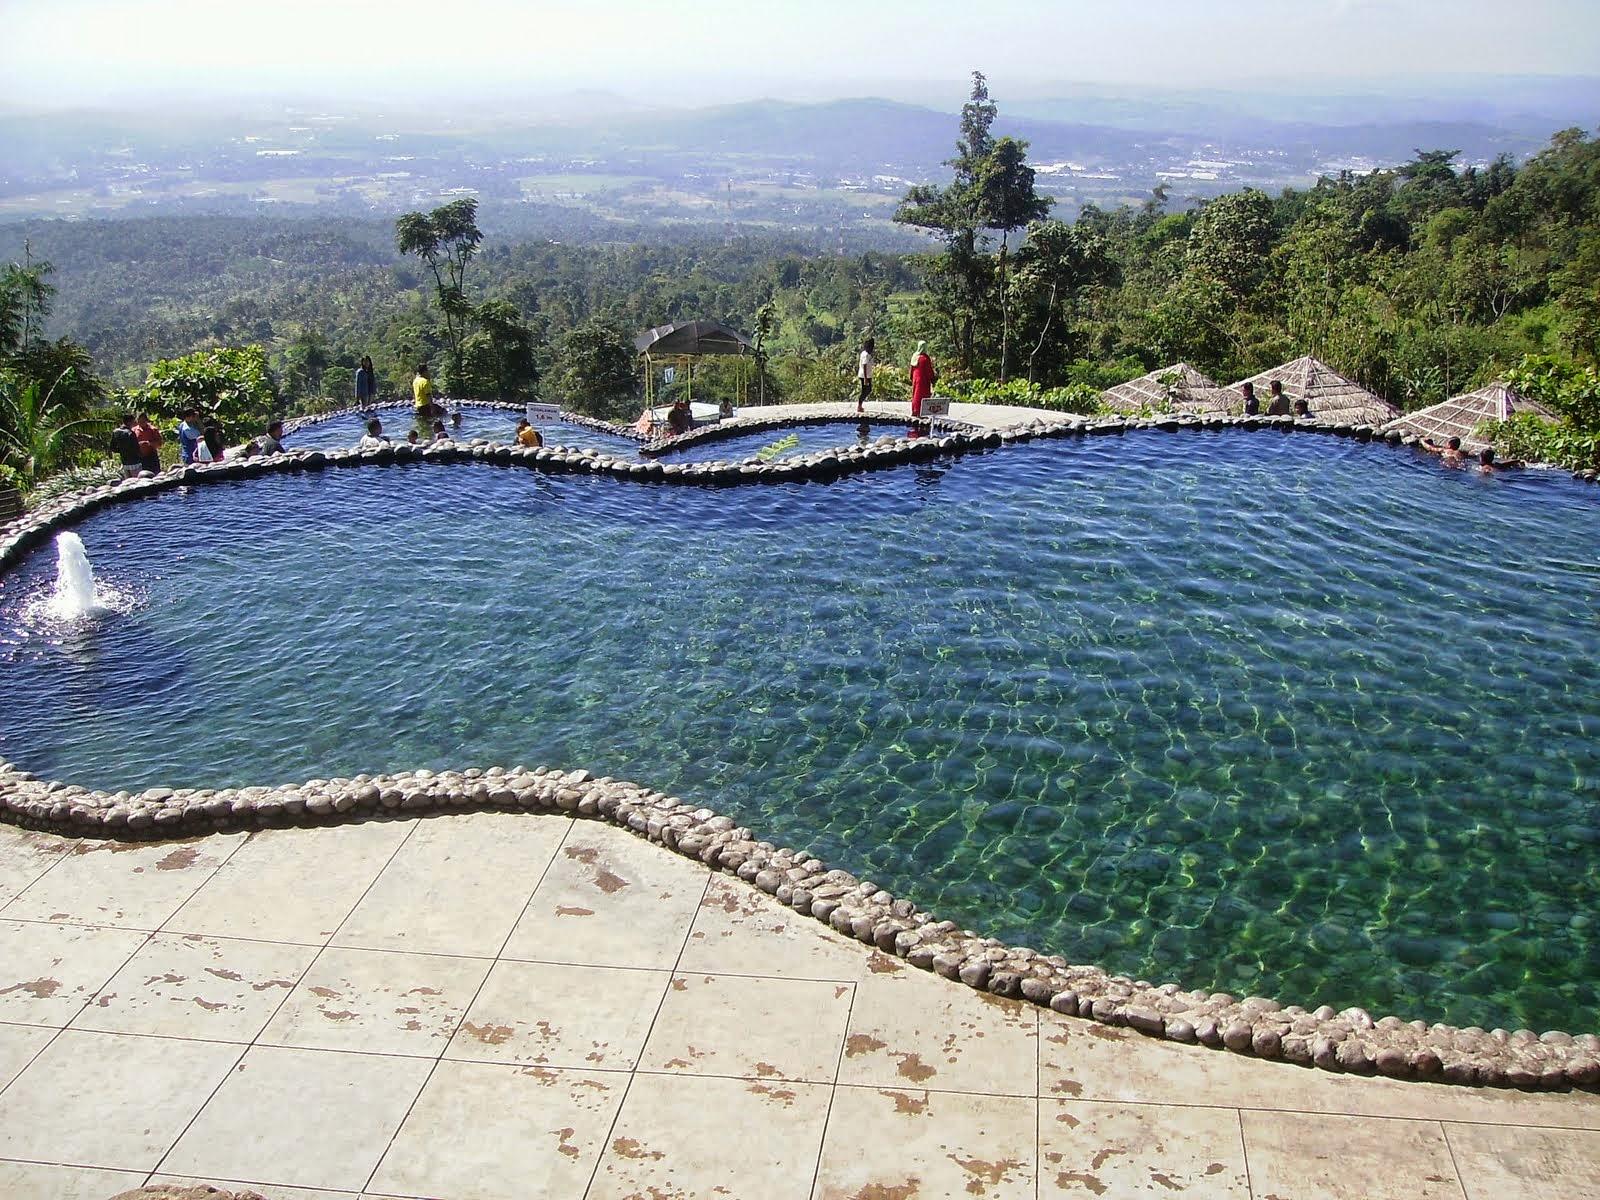 Daftar Tempat Wisata Di Daerah Ungaran Semarang Yang Menarik